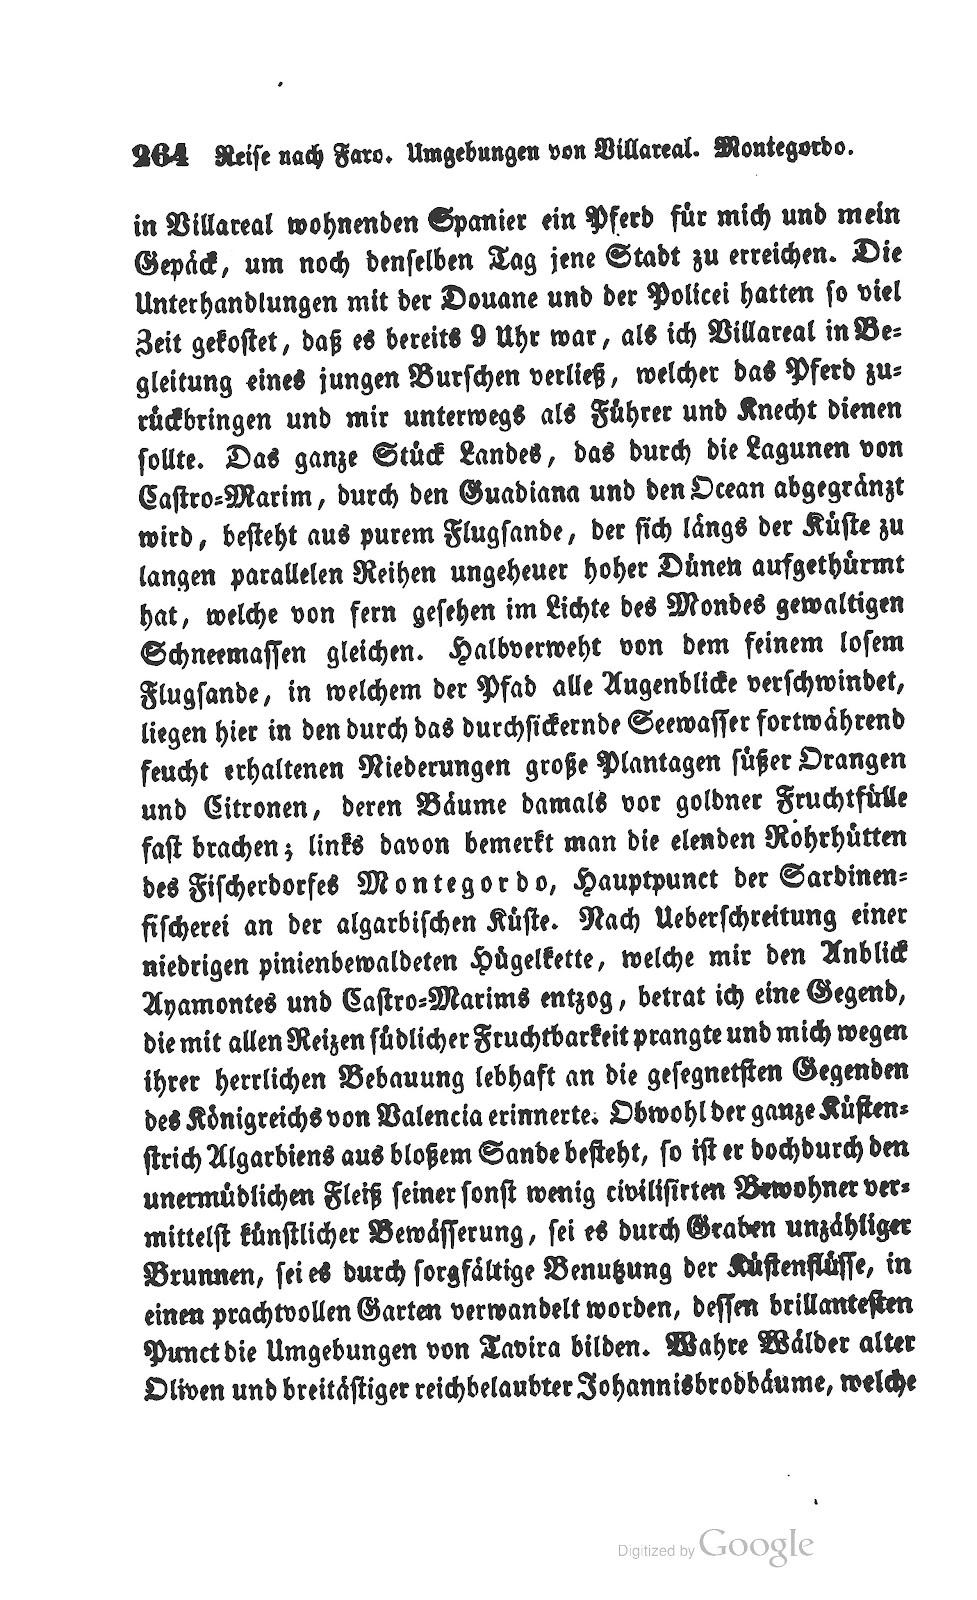 WIllkomm - 10. Kapitel Pages from Zwei_Jahre_in_Spanien_und_Portugal(3)_Page_06.jpg